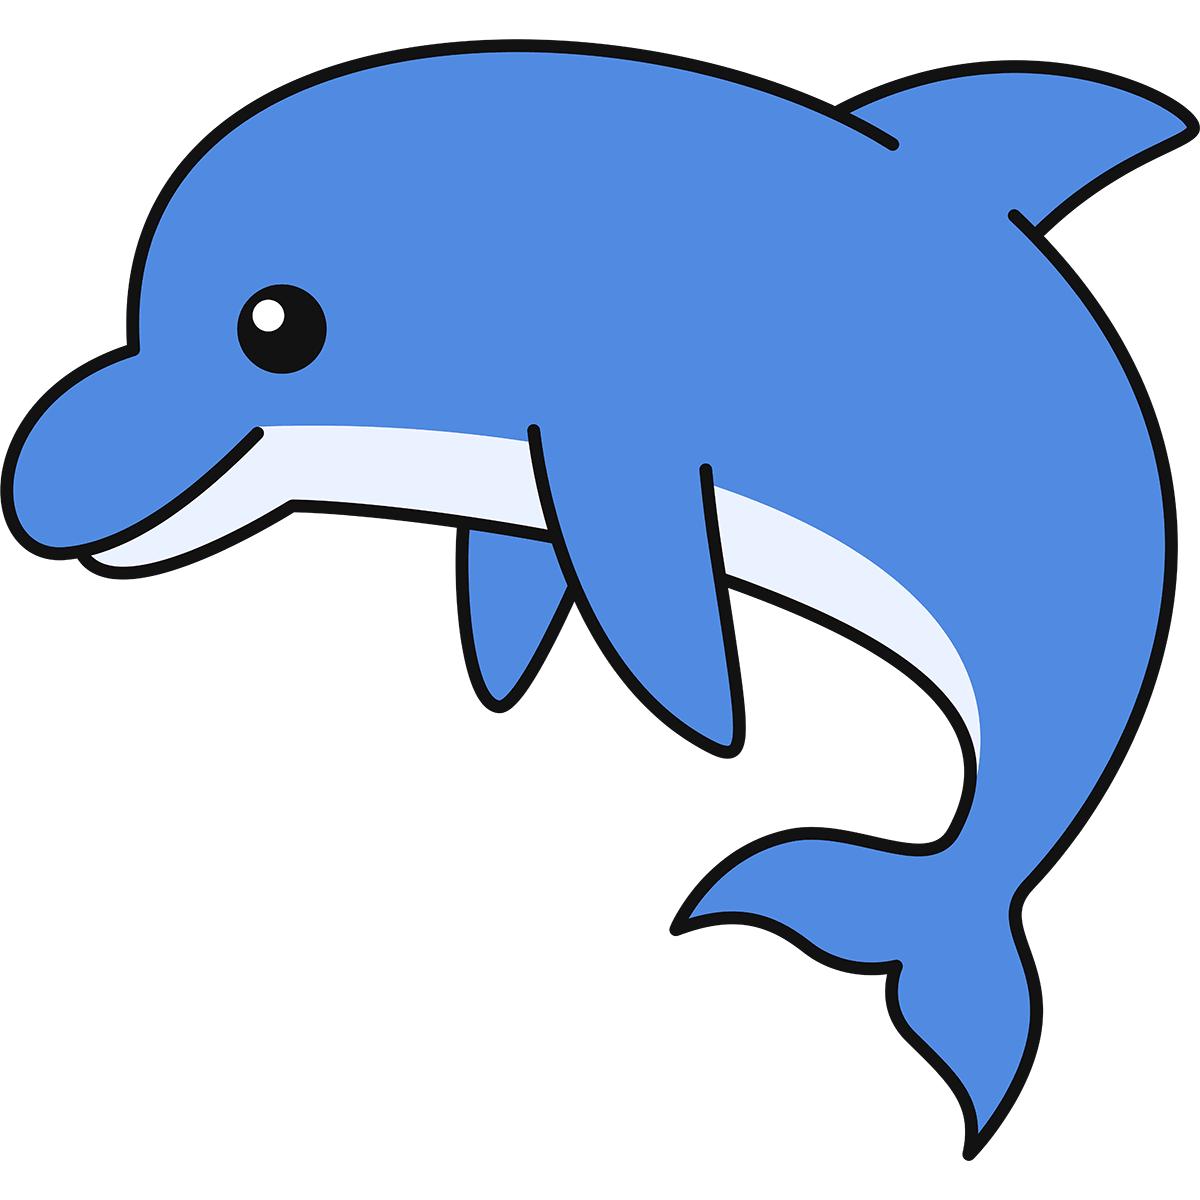 ジャンプするイルカの無料イラスト